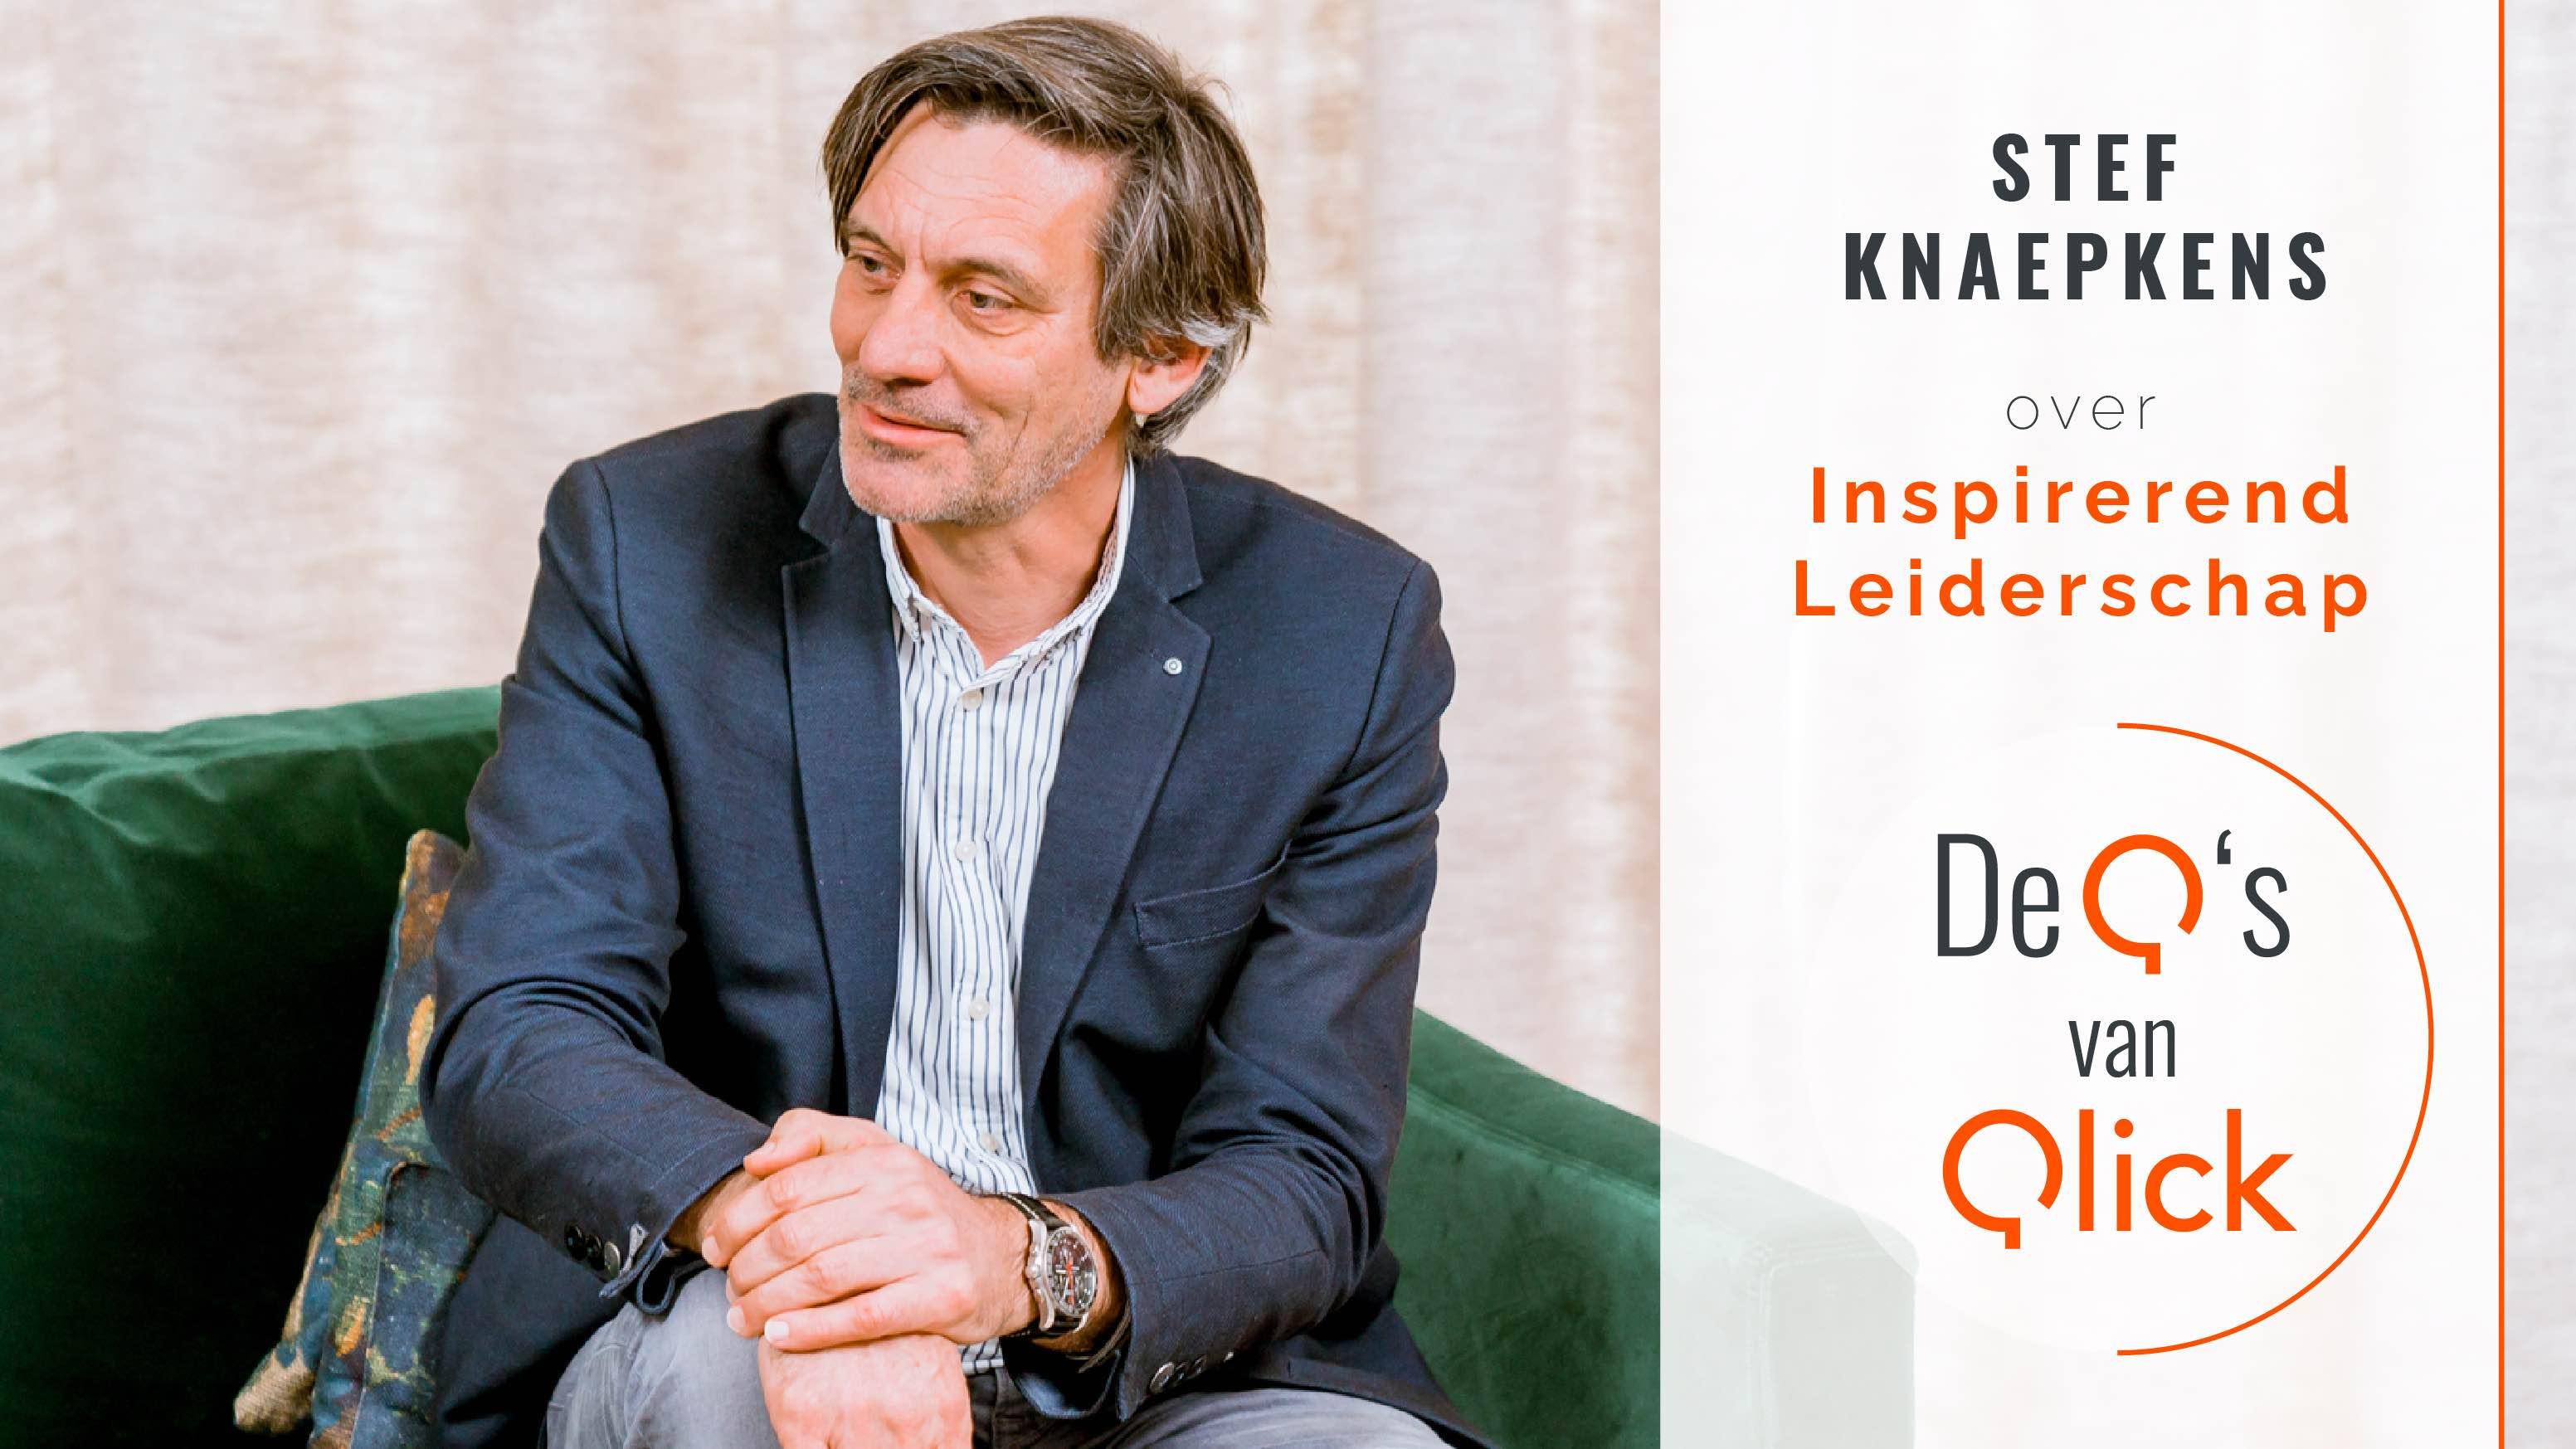 De Q's van Qlick: Inspirerend leiderschap